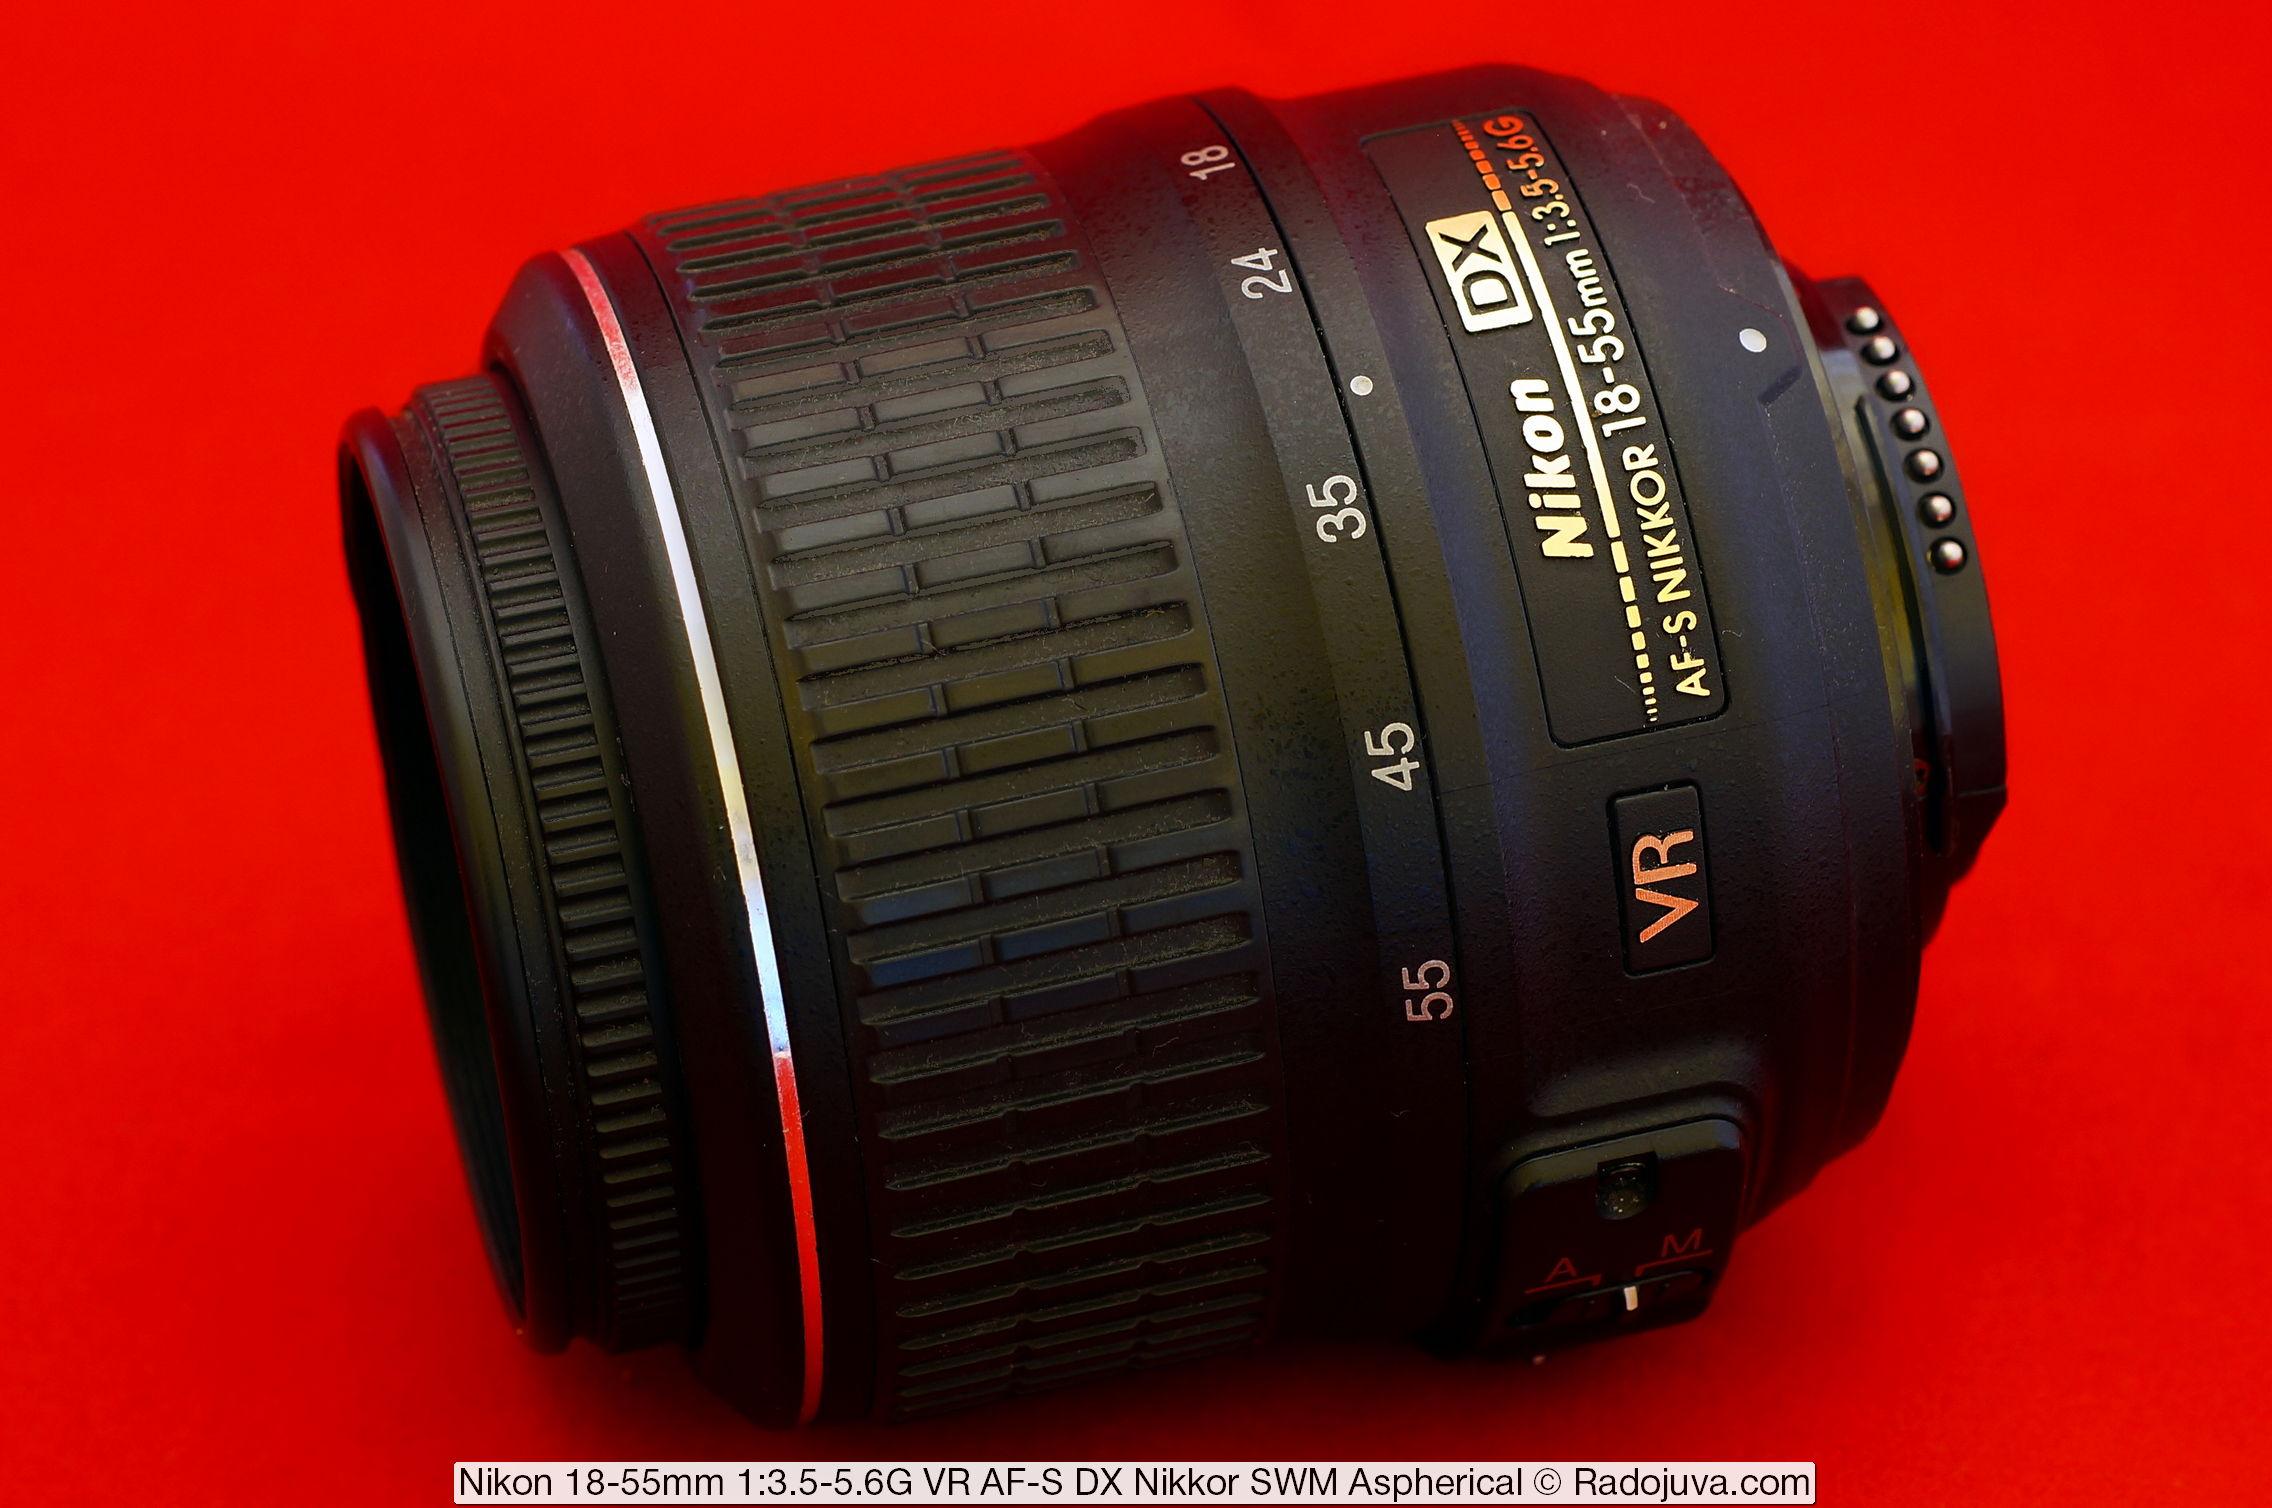 Nikon 18-55mm 1:3.5-5.6G VR AF-S DX Nikkor